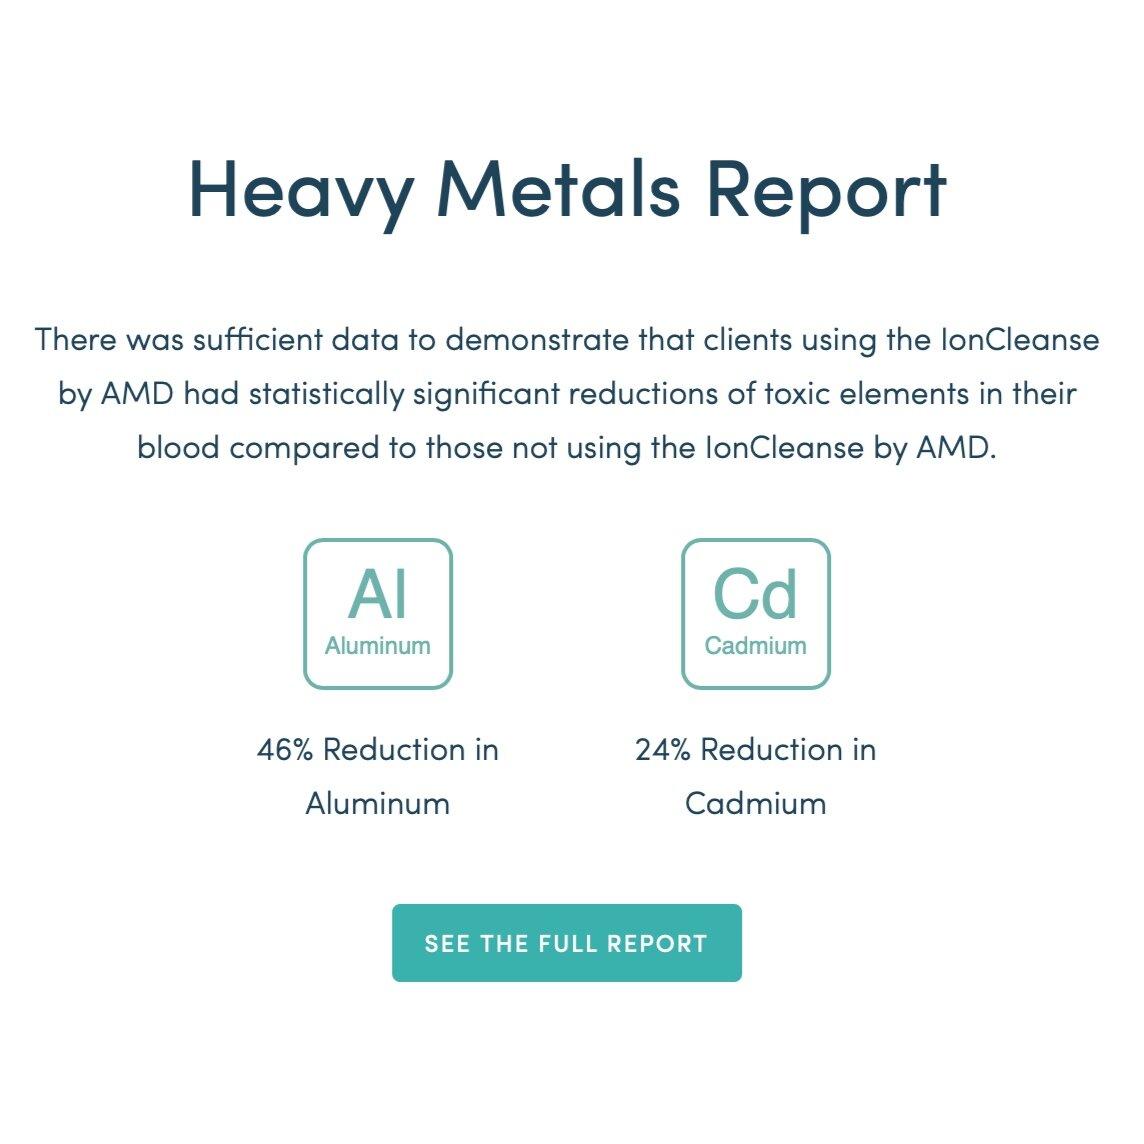 Heavy+Metals+Report.jpg